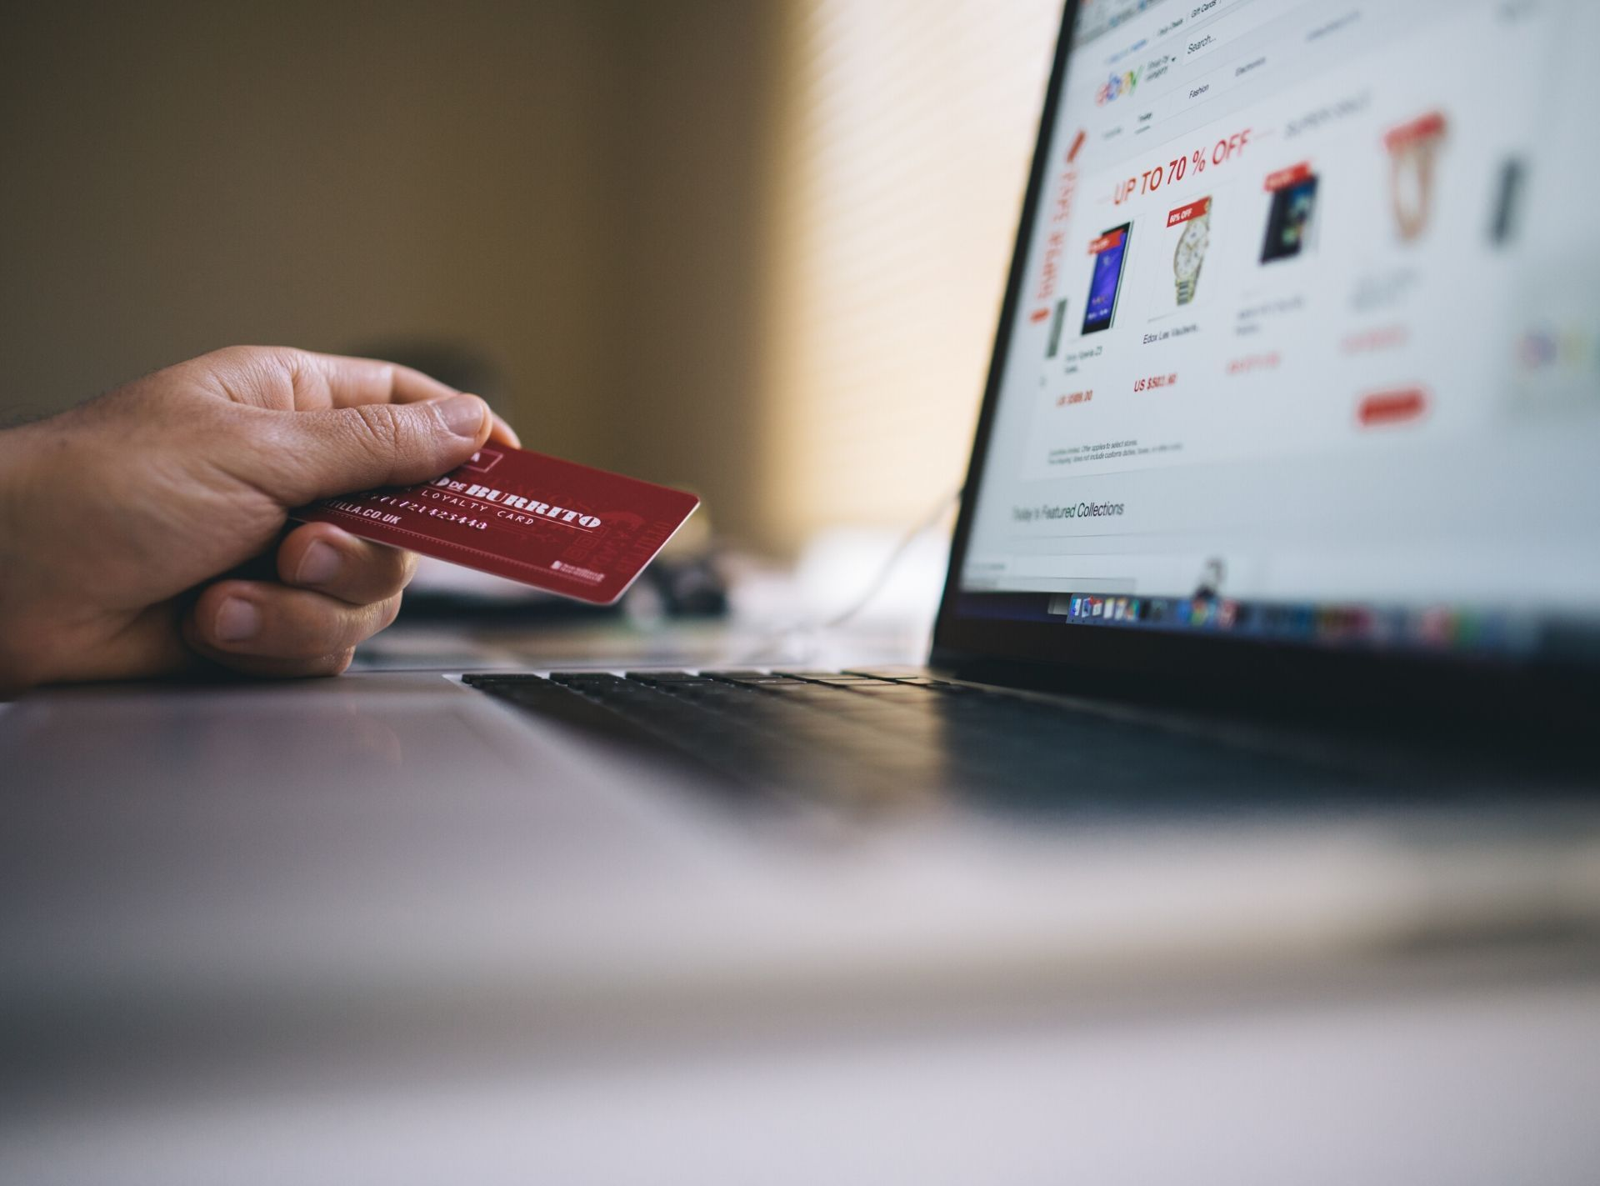 agencia de marketing digital y online en medellin colombia